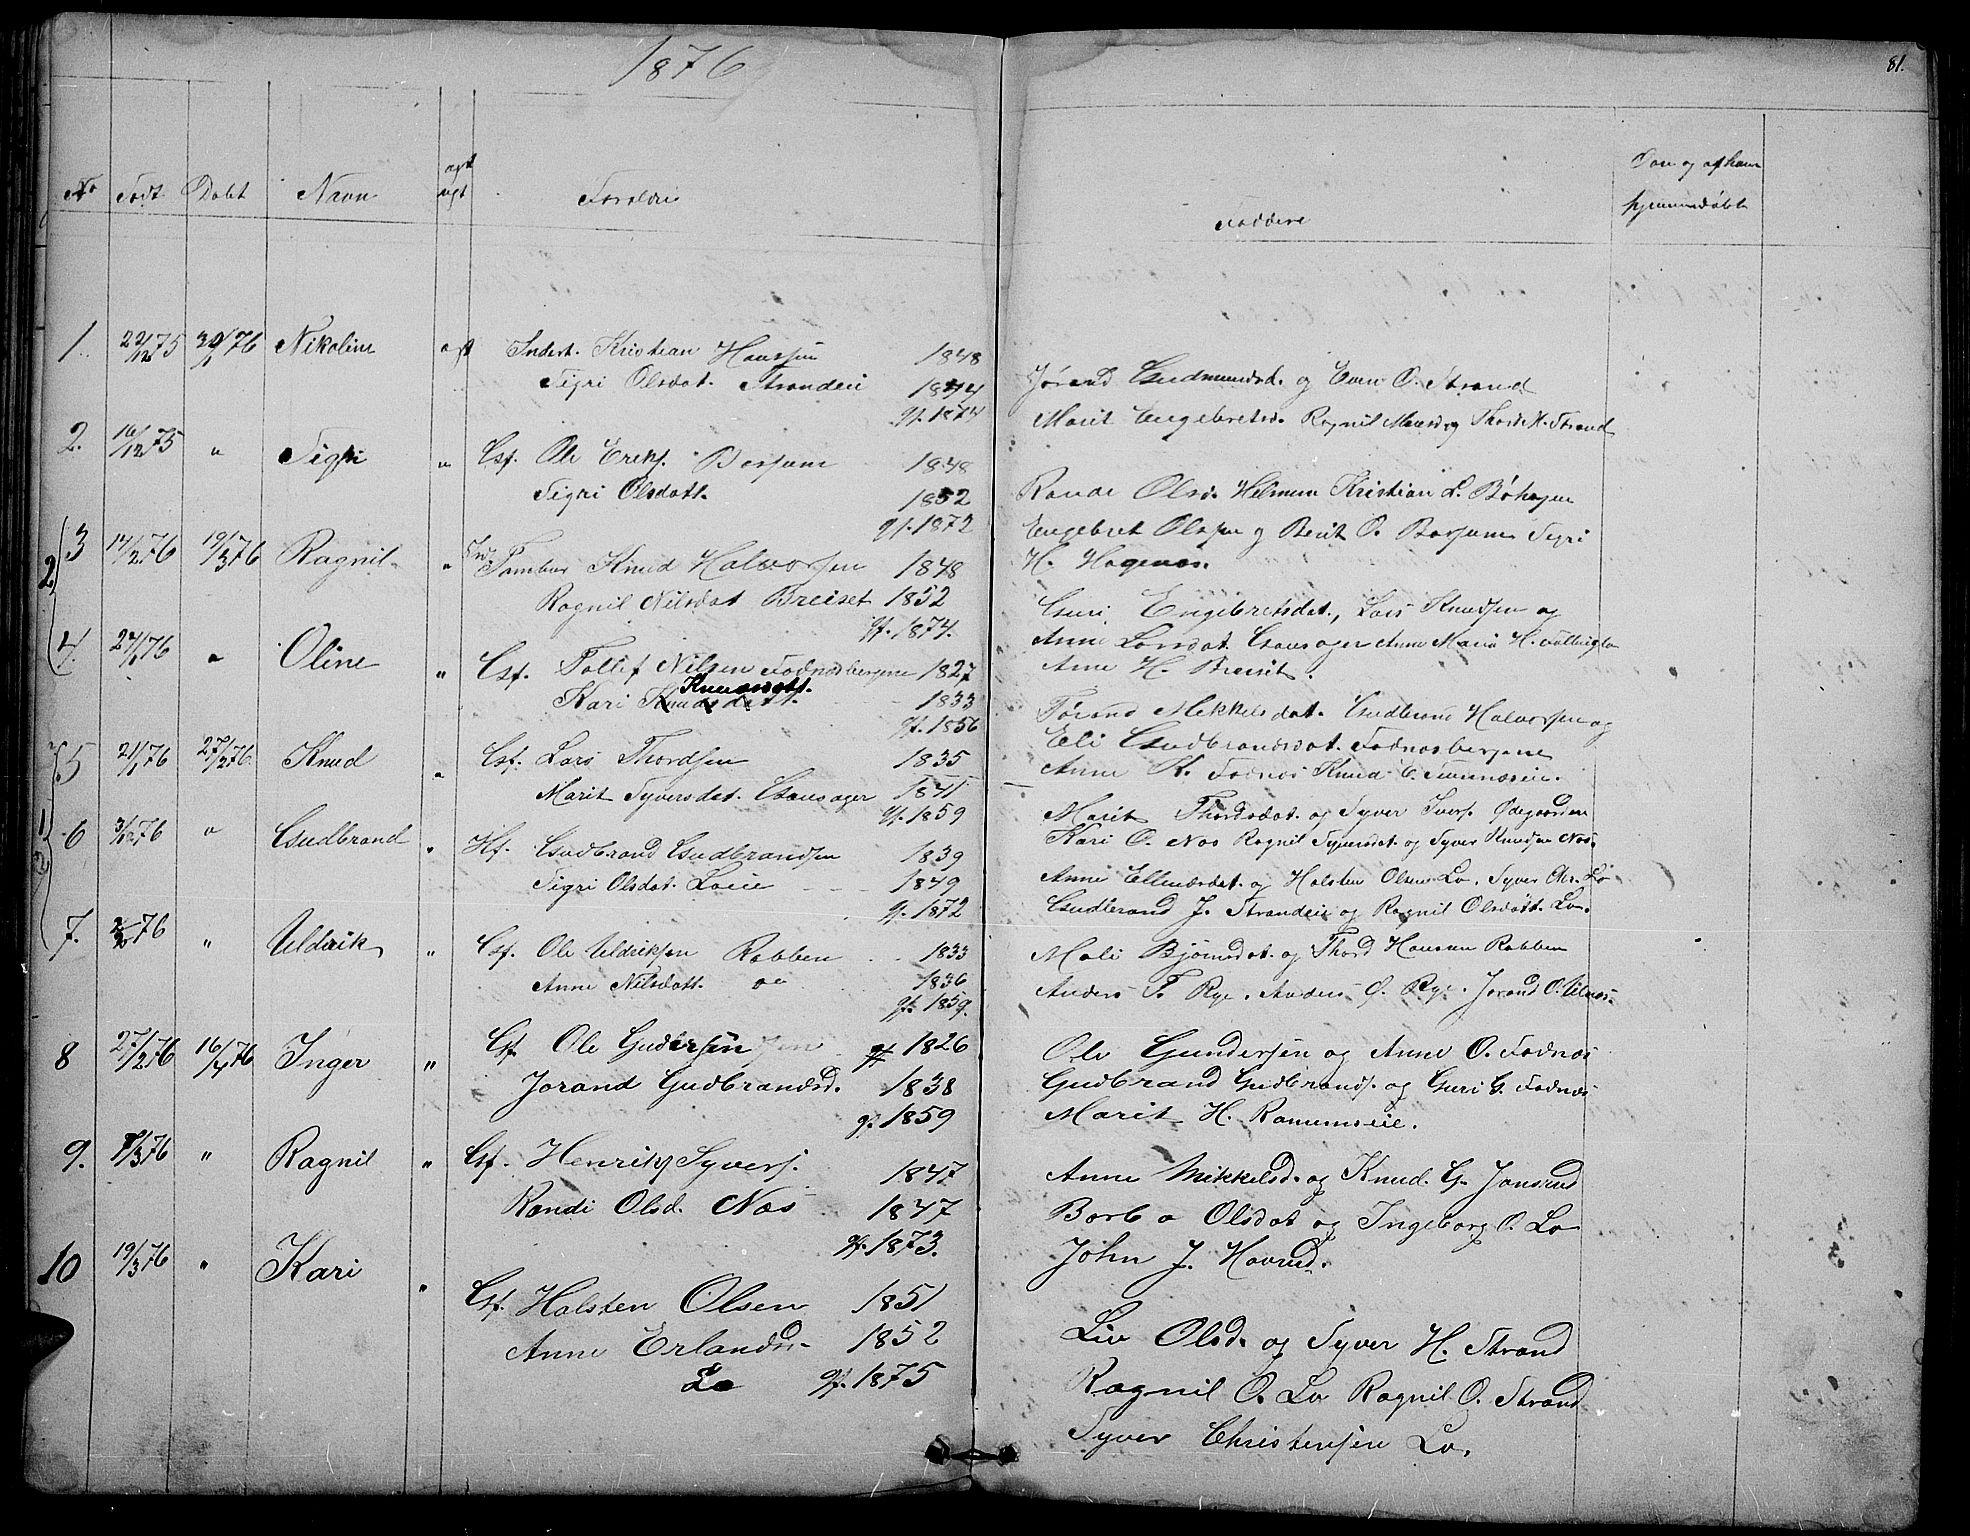 SAH, Nord-Aurdal prestekontor, Klokkerbok nr. 3, 1842-1882, s. 81